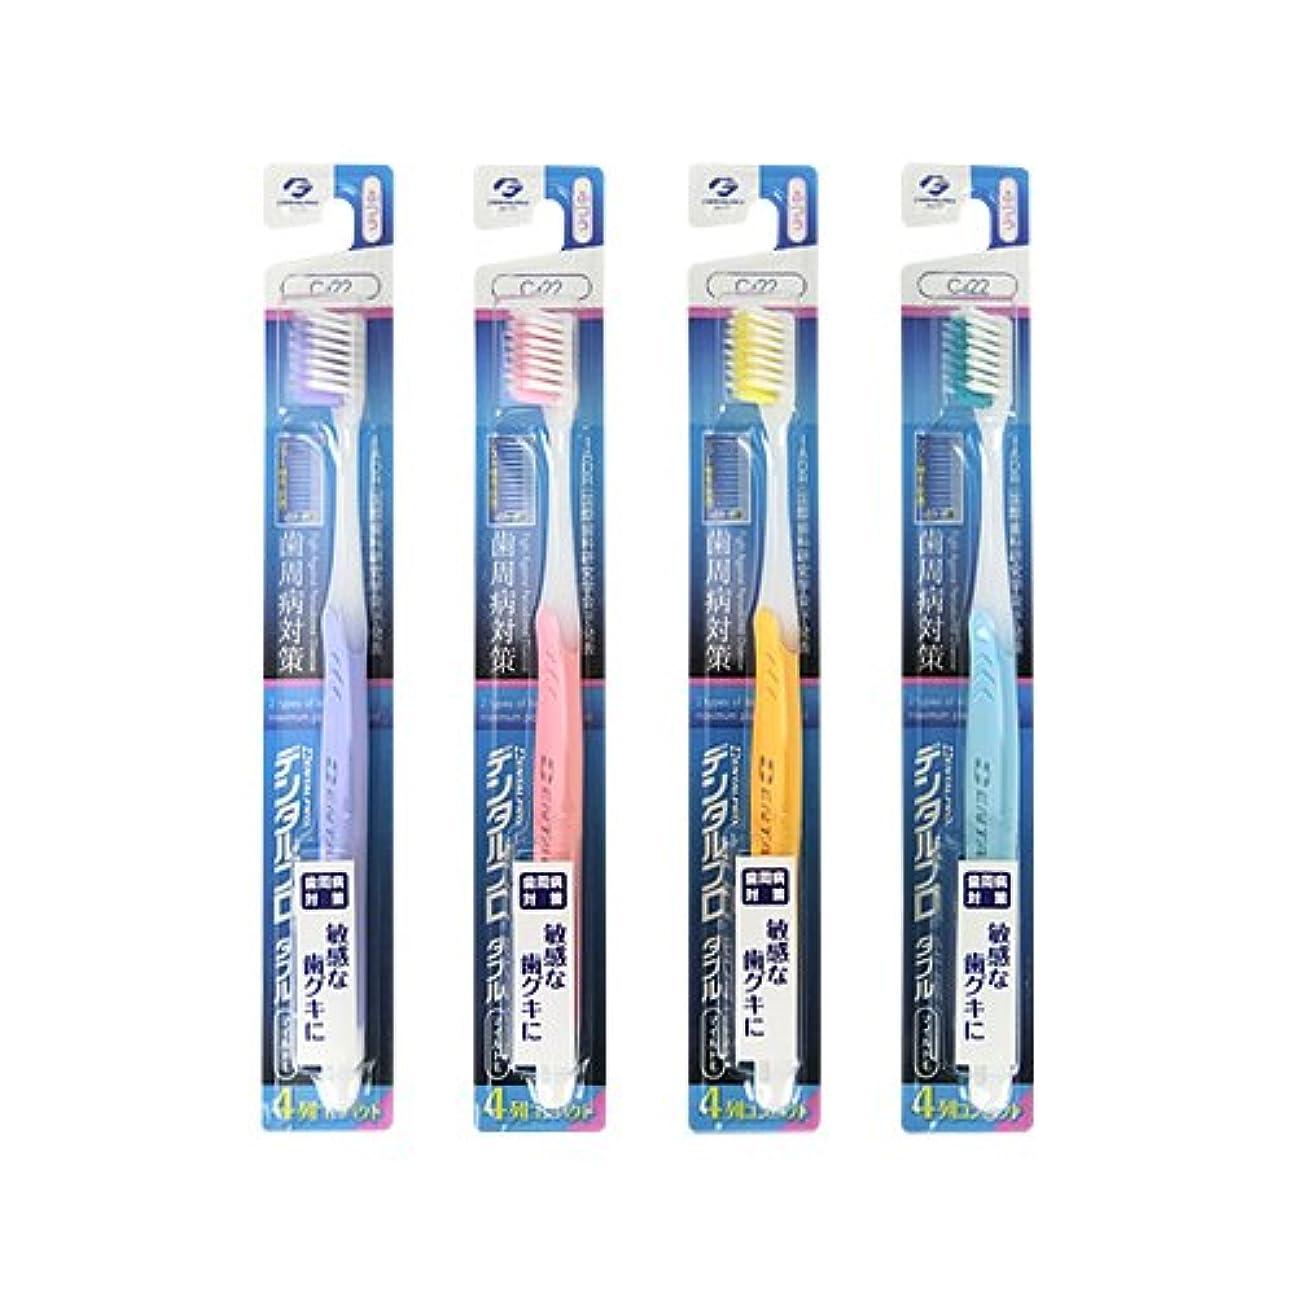 ミル前提セグメントデンタルプロ ダブル マイルド 4列 歯ブラシ 5本 (ふつう, 色はおまかせ)